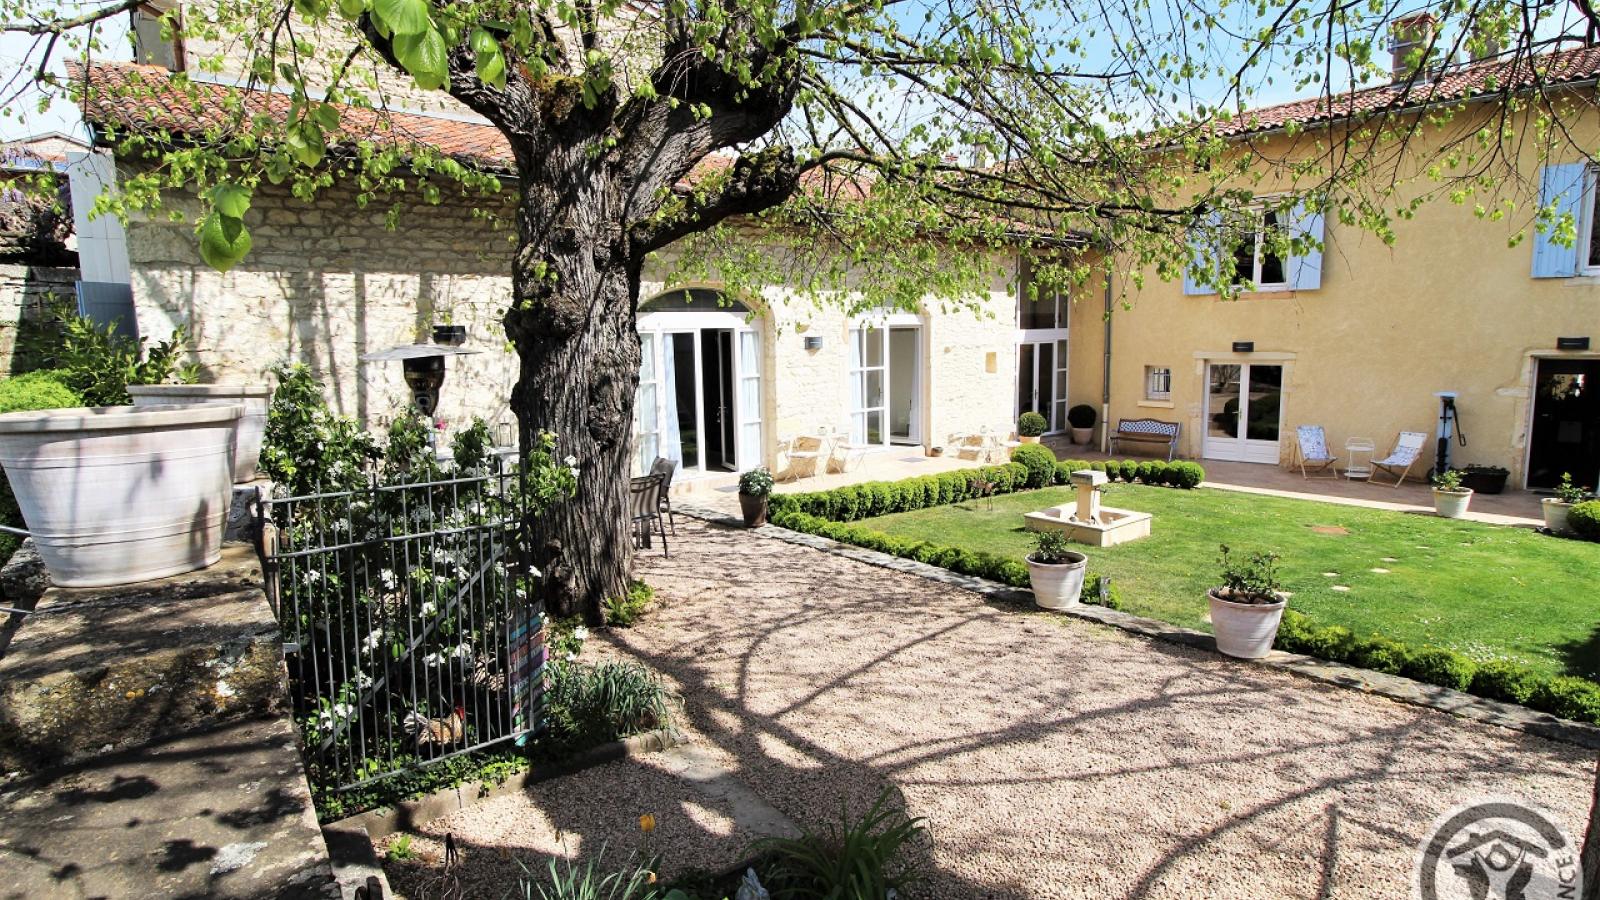 Chambres d'Hôtes 'Les 2 Tilleuls' à Lucenay dans le Beaujolais - Rhône.